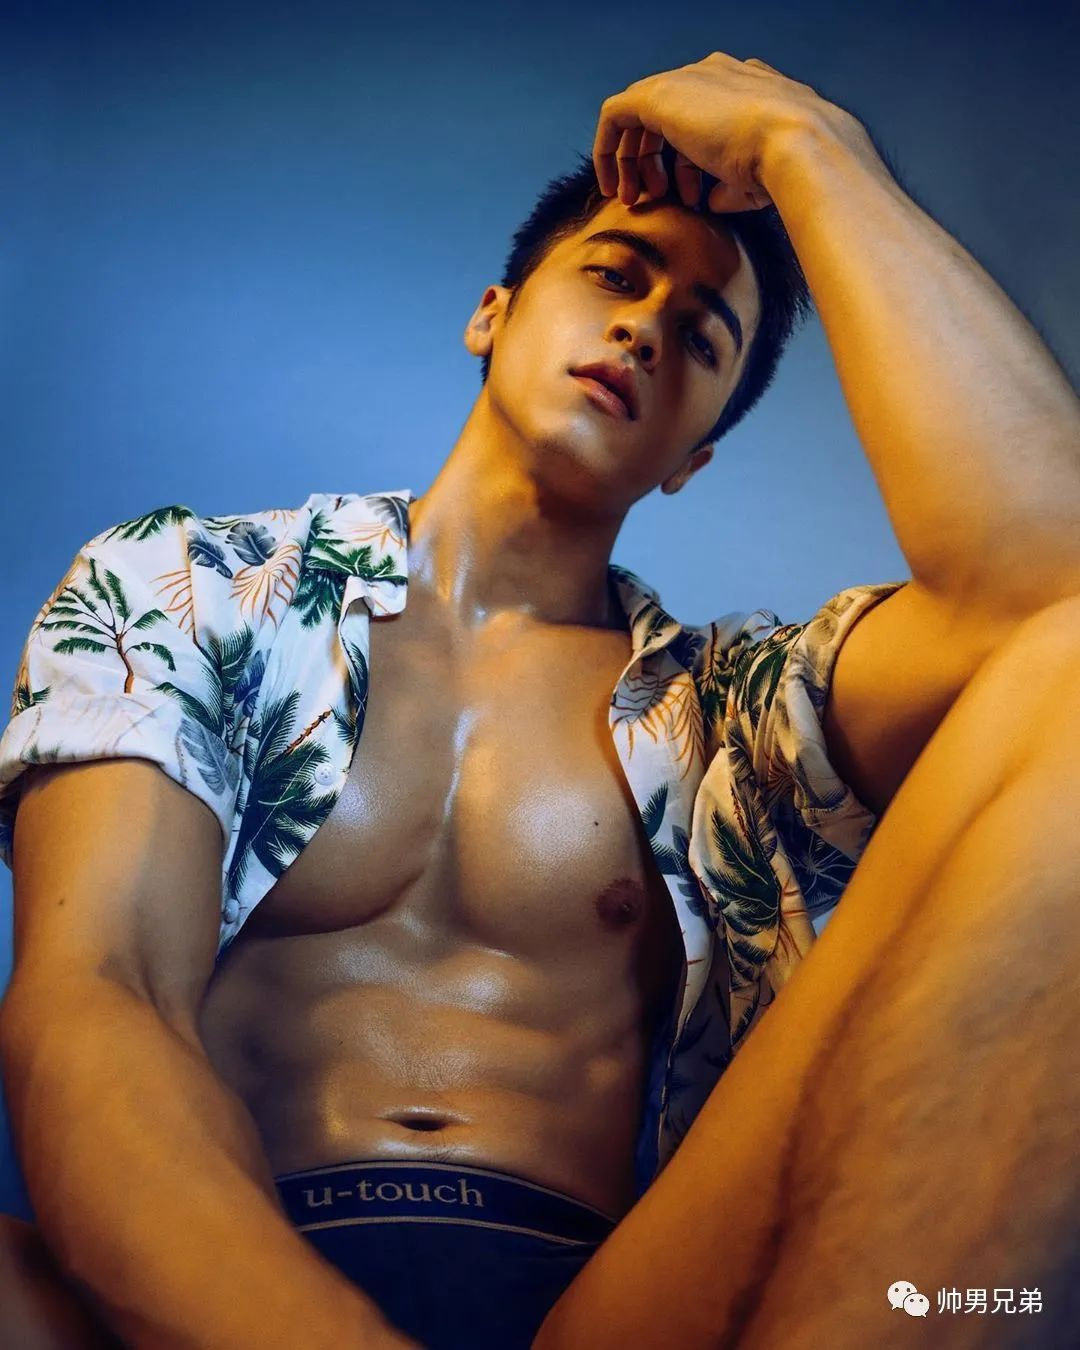 仲夏时分的阳光男孩,狼狗腹肌很有料